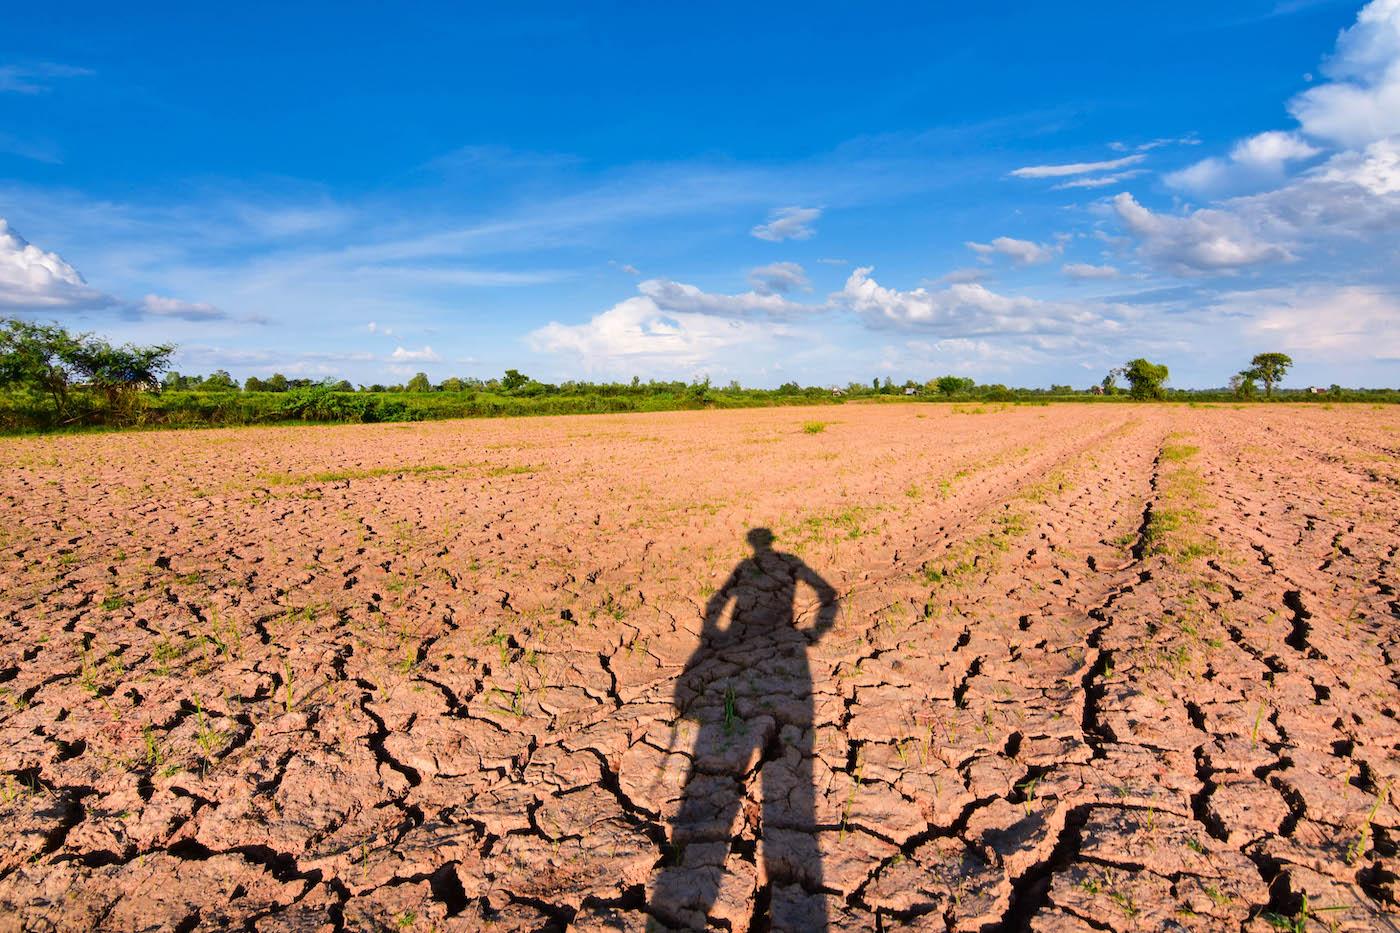 Non piove da mesi, rischio desertificazione. Ma cosa ci importa, tanto siamo vaccinati!